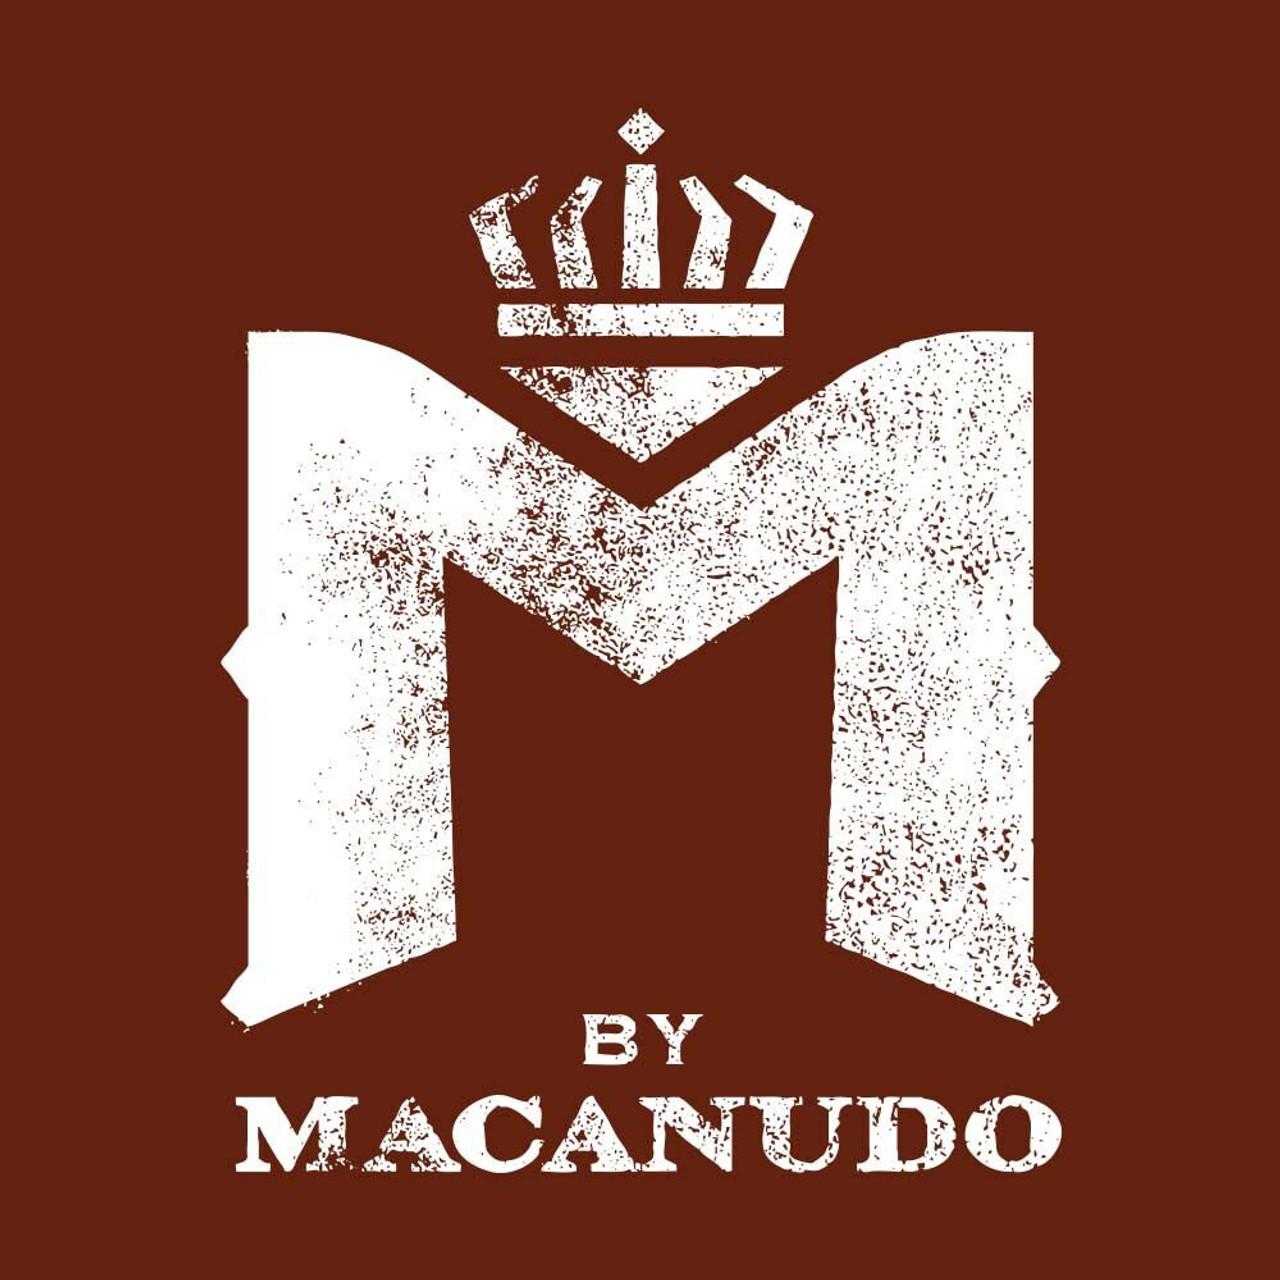 Macanudo Heritage Nuevo Churchill Cigars - 7.0 x 50 (Box of 10)